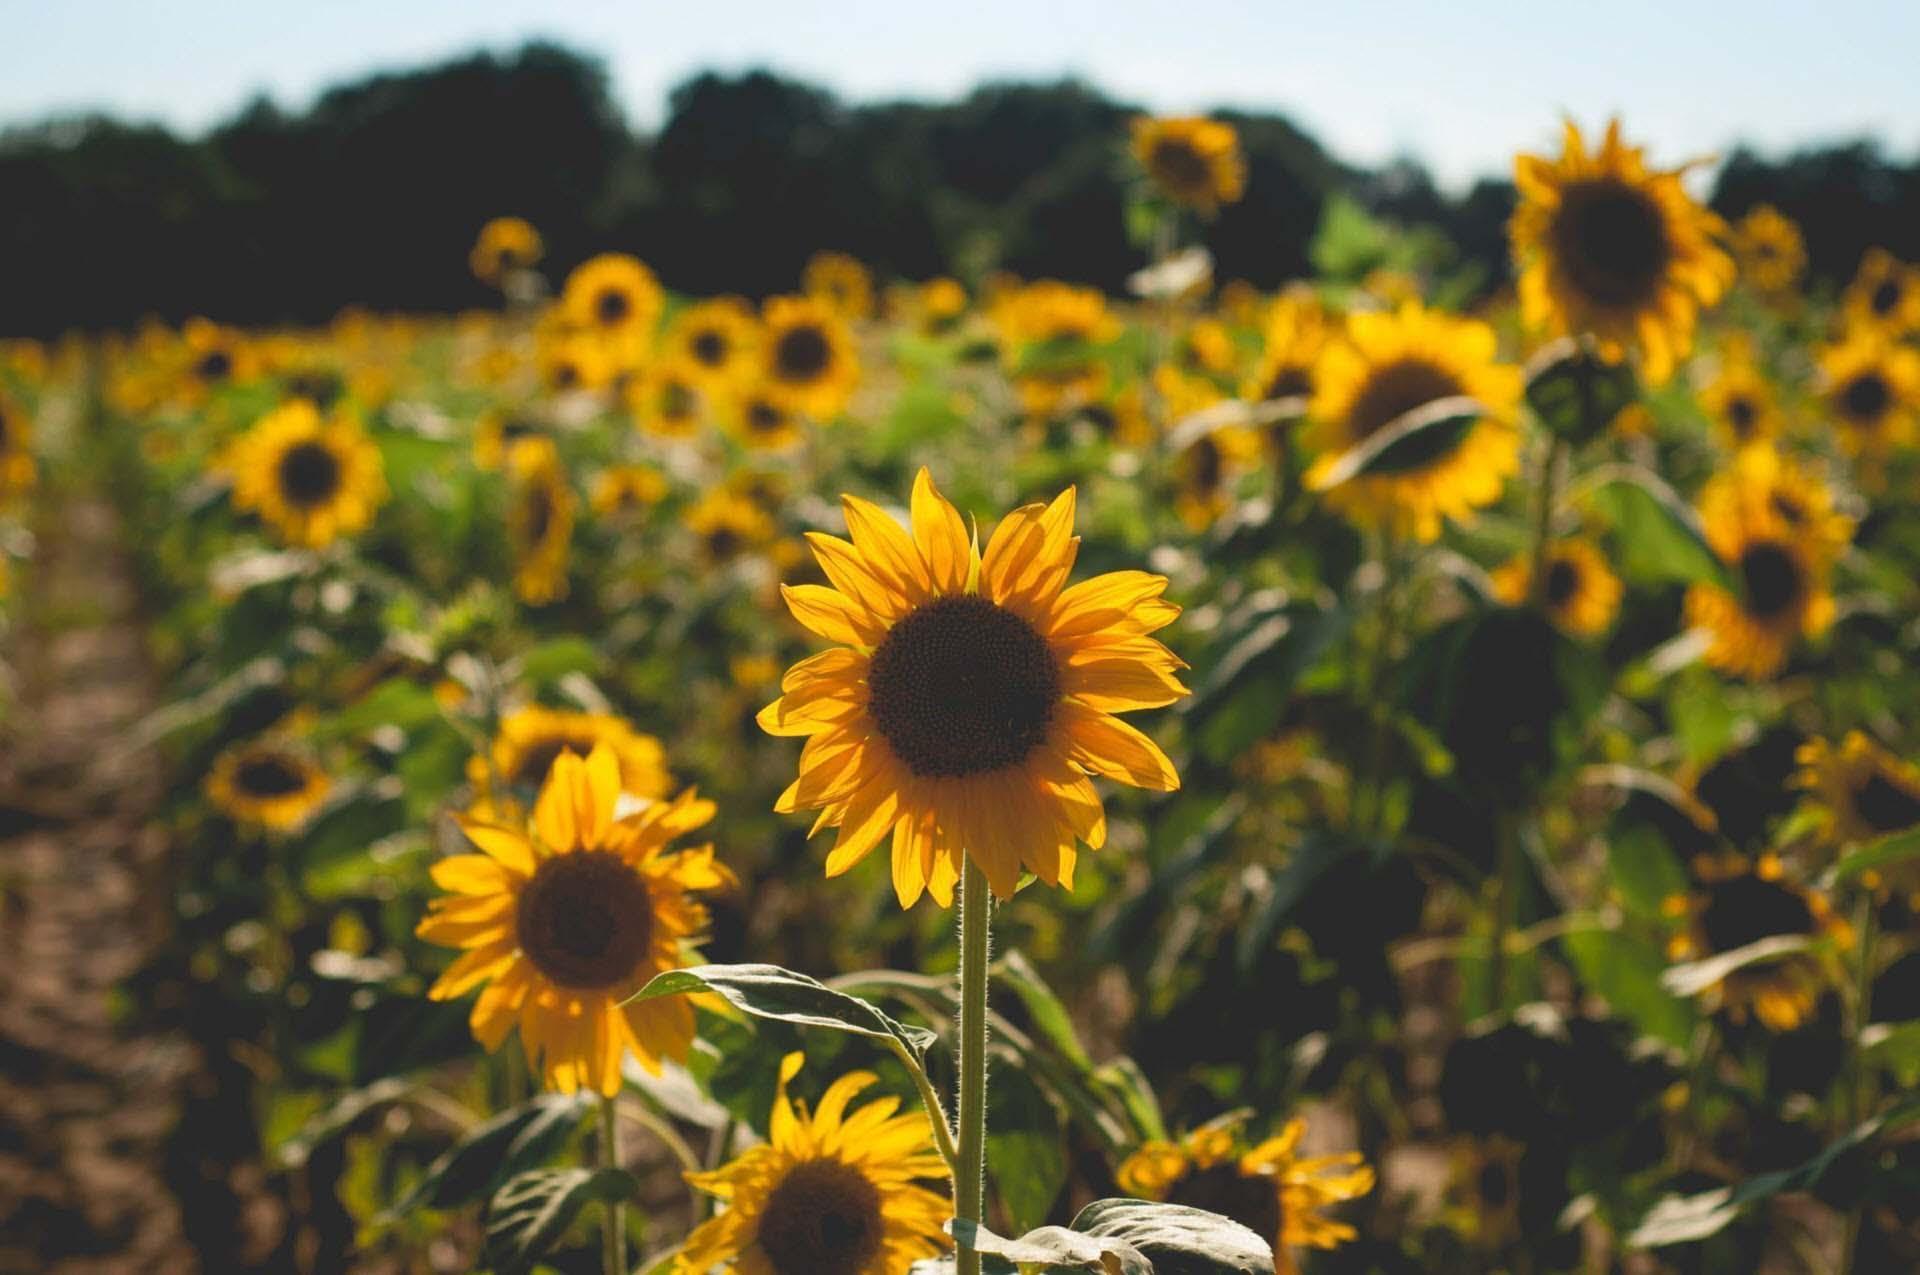 Hình ảnh những bông hoa hướng dương đẹp